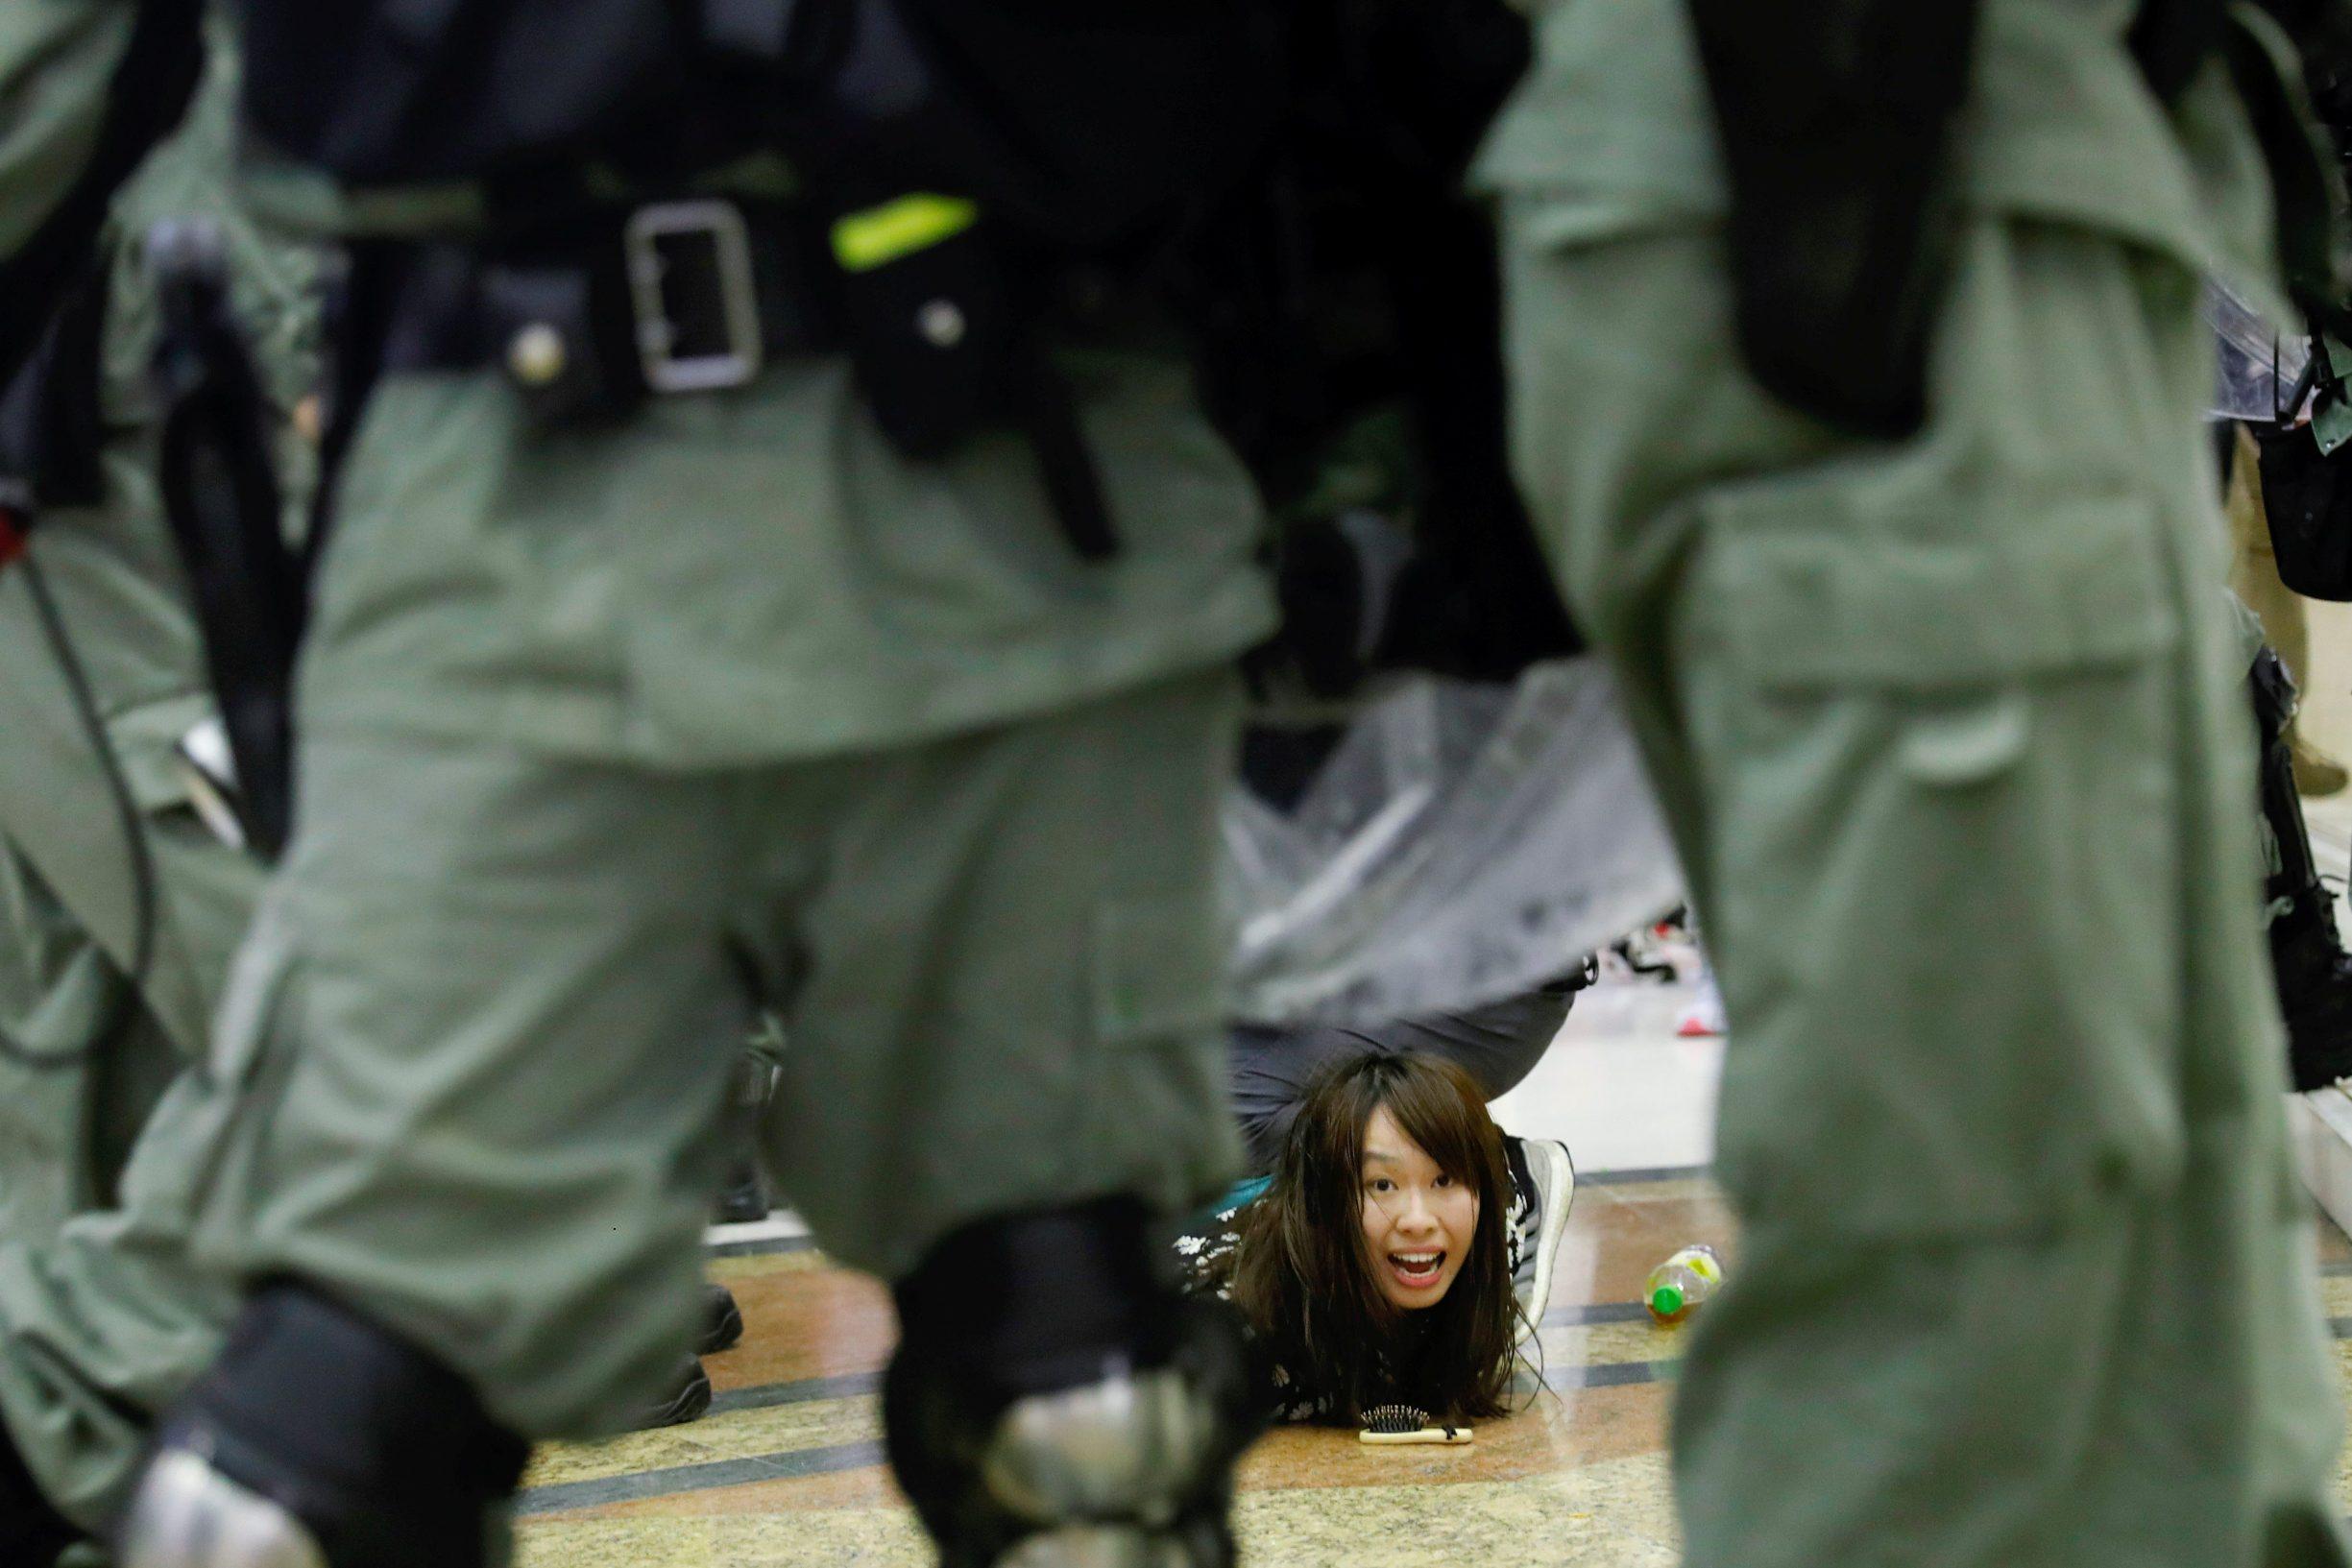 Riot police detain an anti-government protester at a shopping mall in Tai Po, Hong Kong , China November 3, 2019. REUTERS/Tyrone Siu